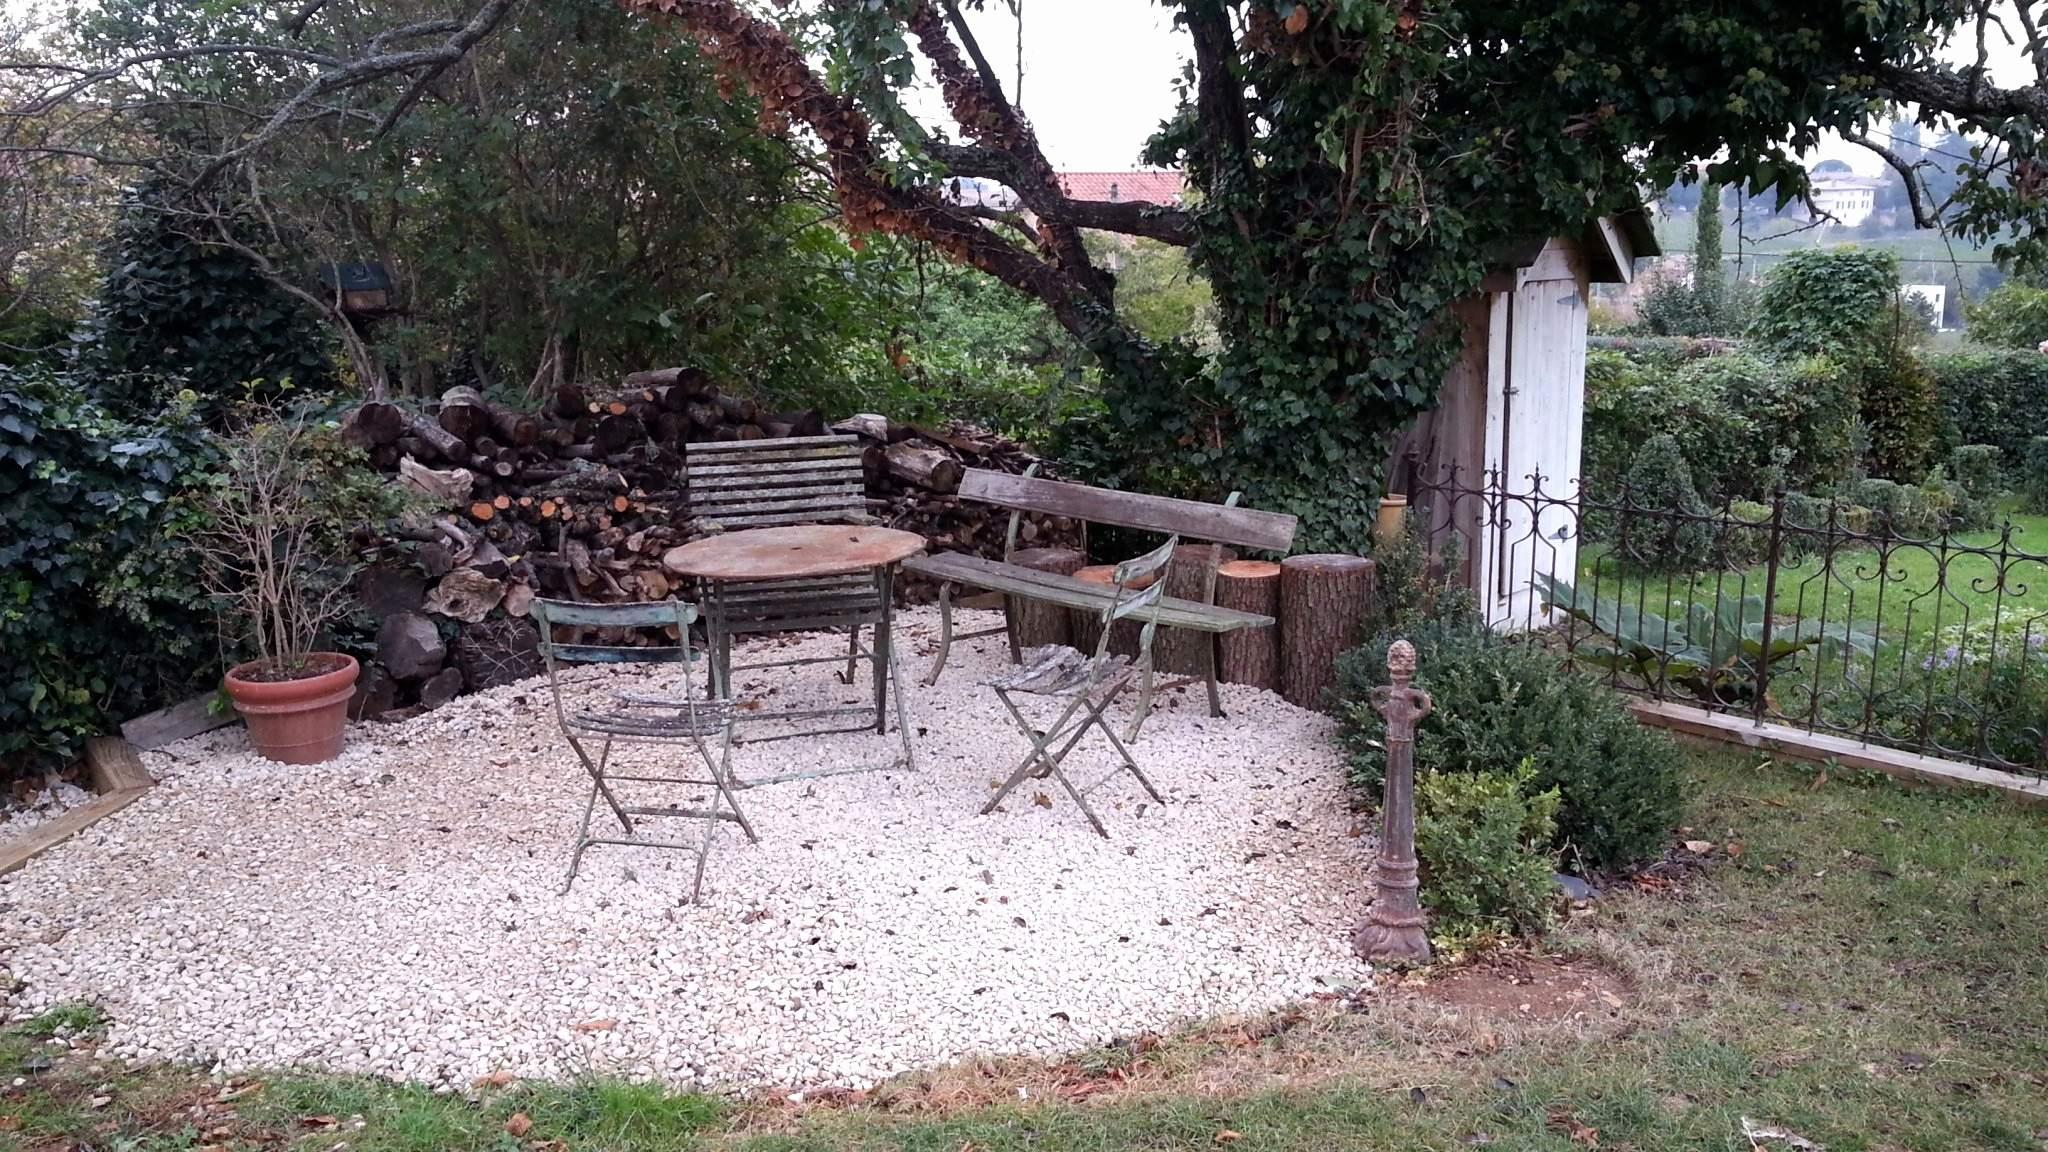 Les Jardins De Tadine Nouveau Images 12 Impressionnant Jardin D Acclimatation Parking Galerie De